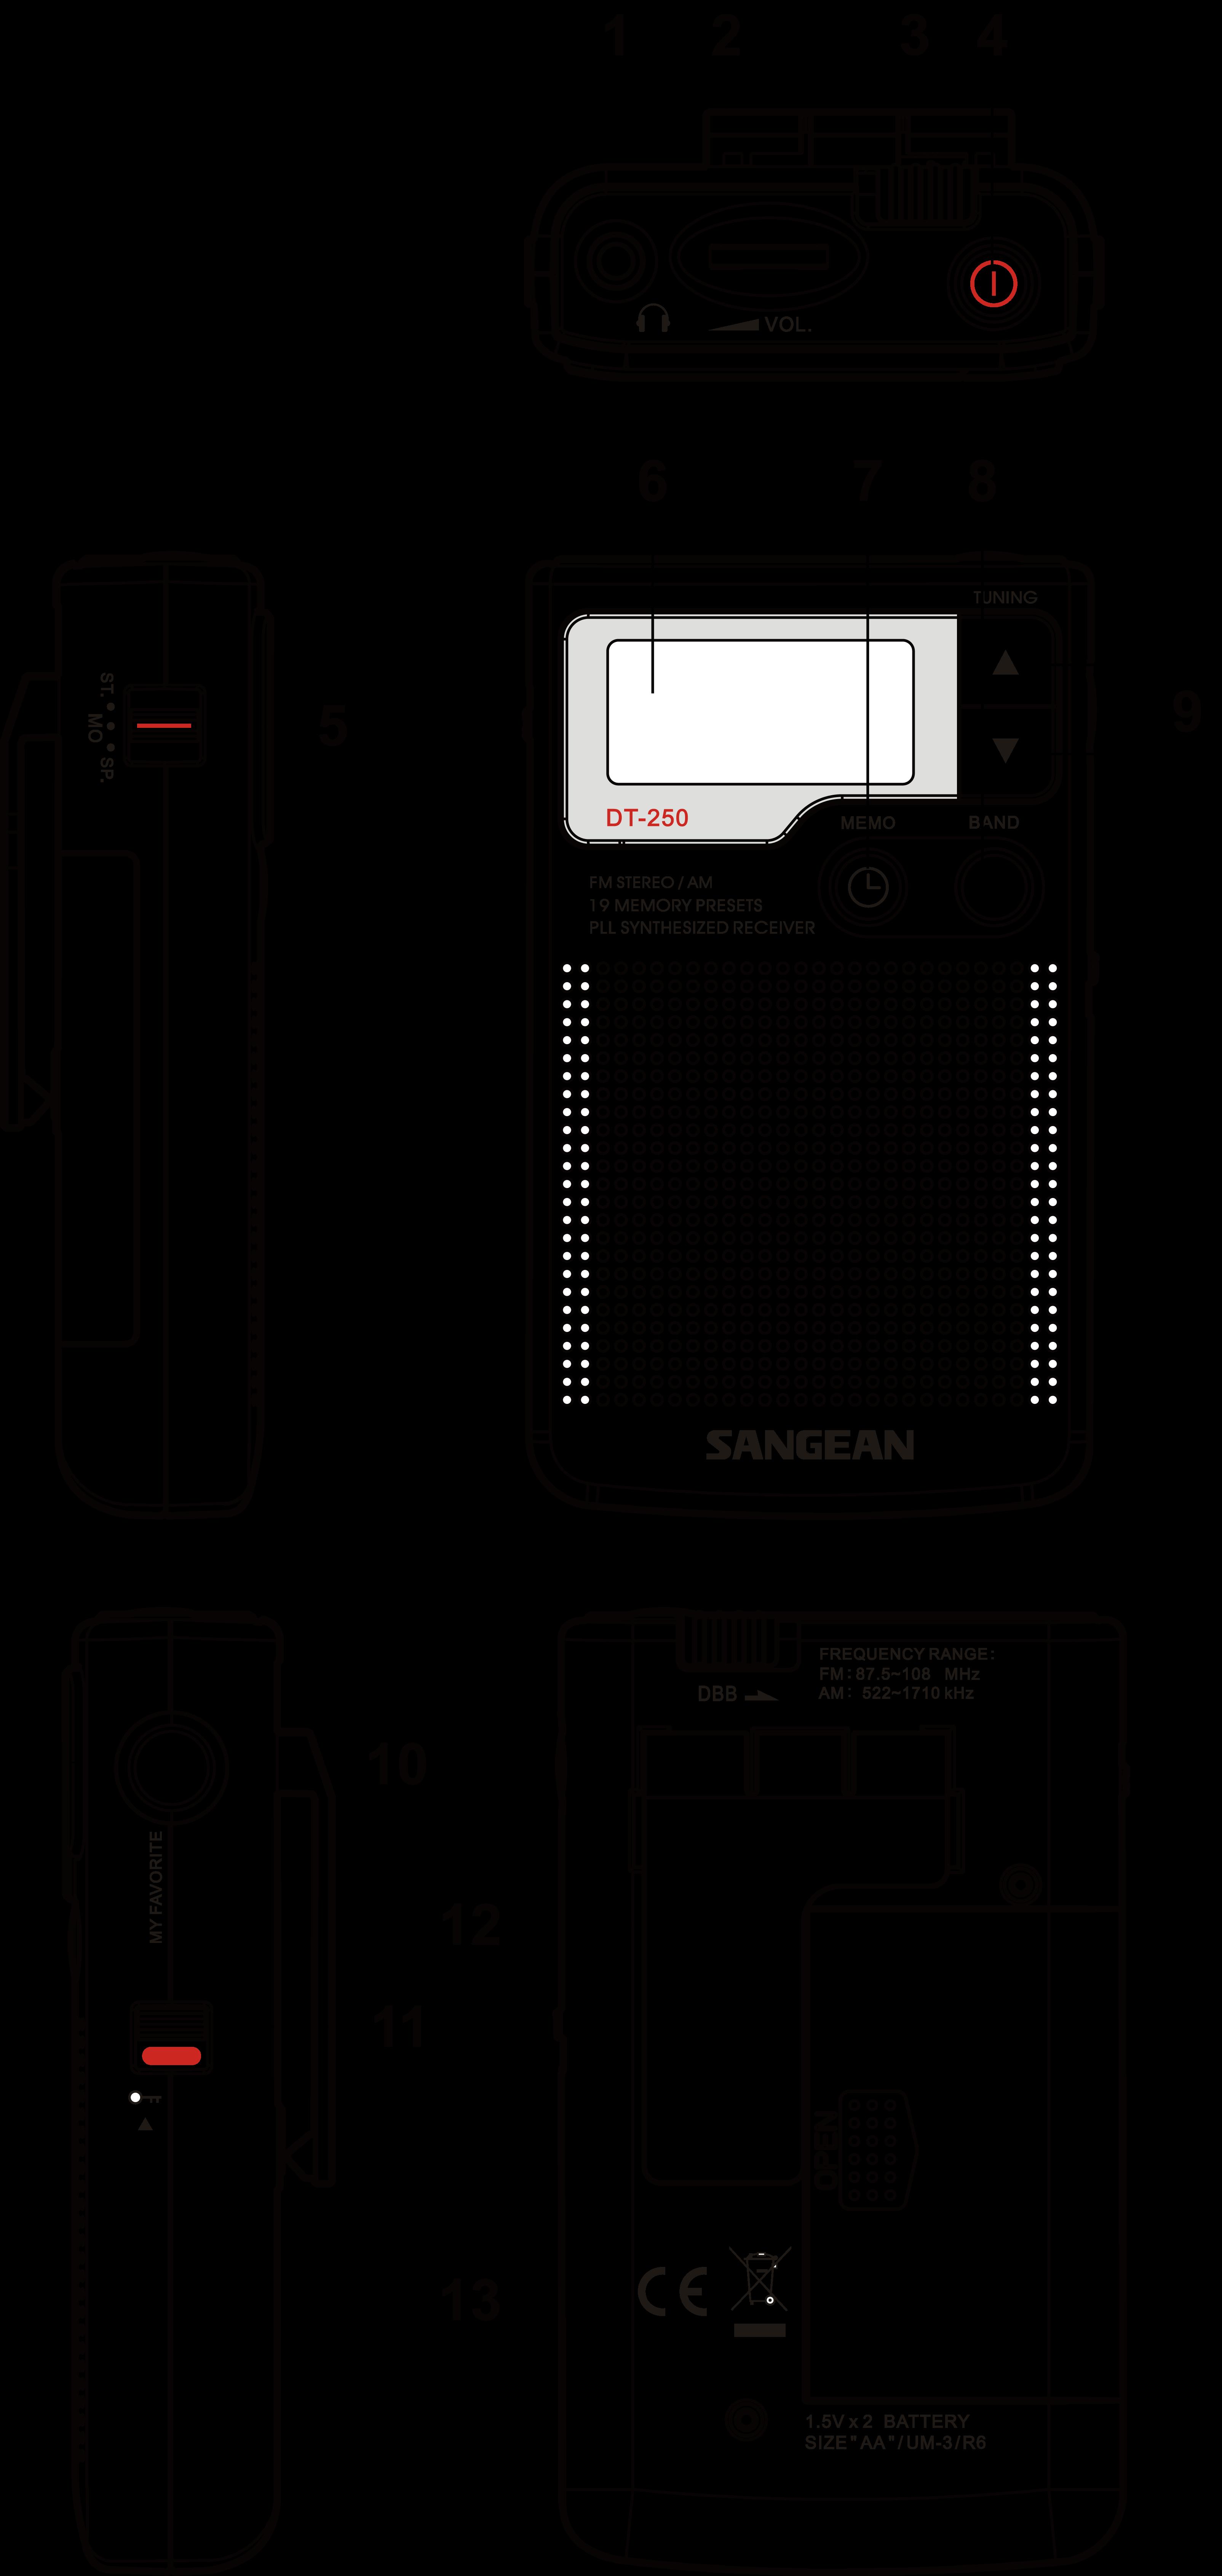 DT-250 휴대용 디지털 라디오 제품 도면